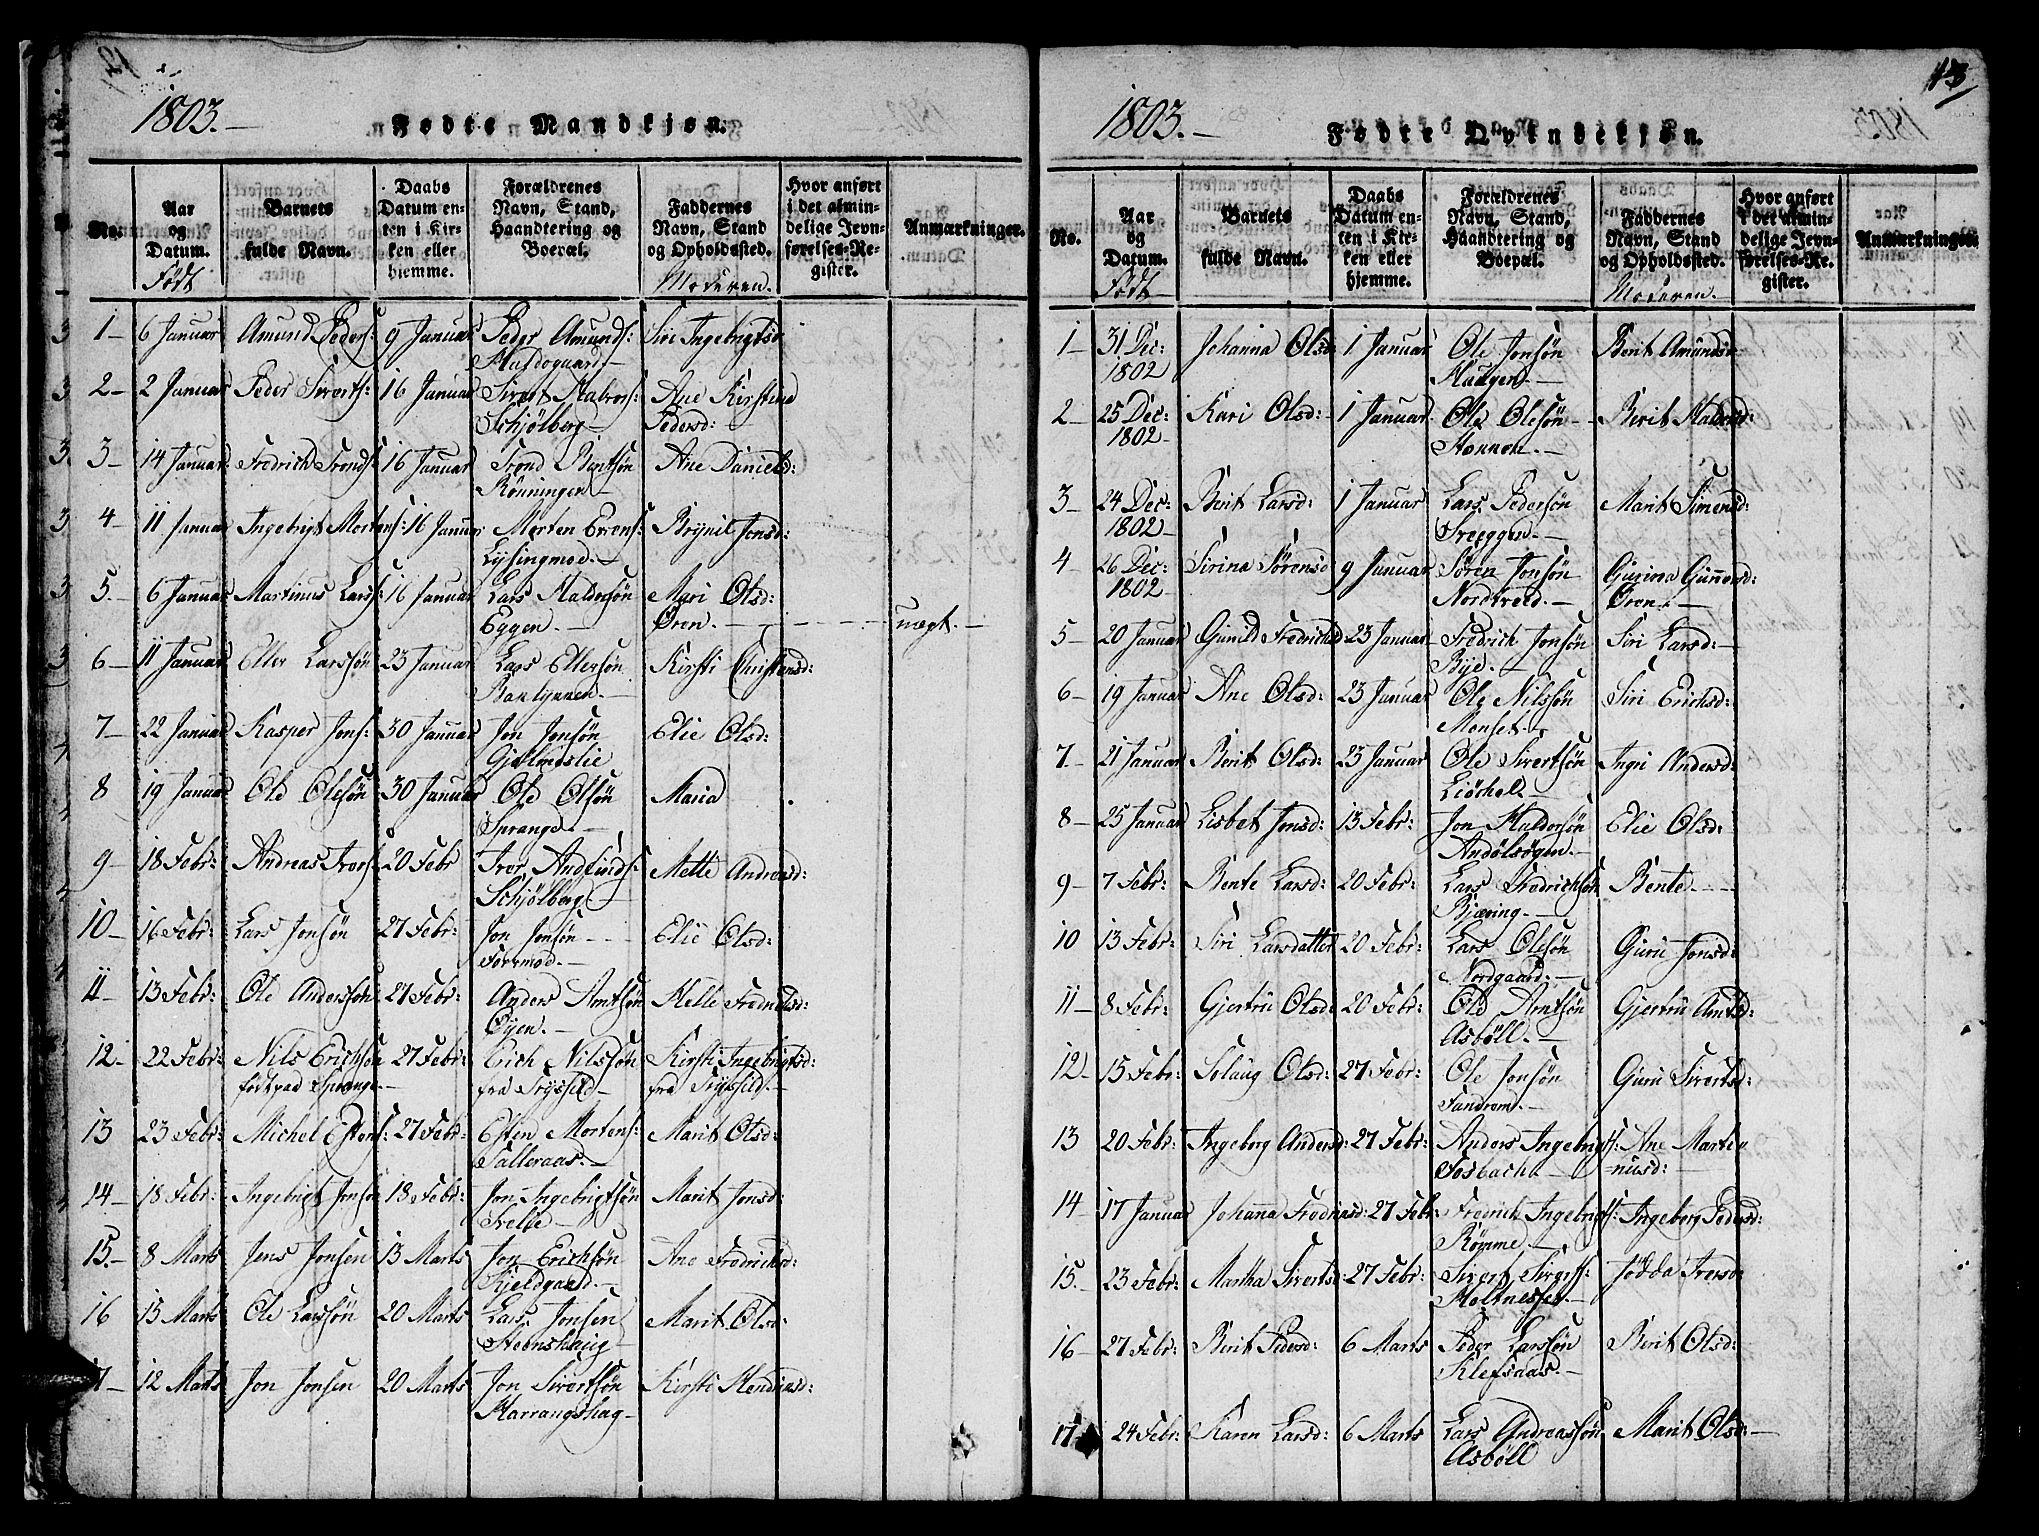 SAT, Ministerialprotokoller, klokkerbøker og fødselsregistre - Sør-Trøndelag, 668/L0803: Ministerialbok nr. 668A03, 1800-1826, s. 13